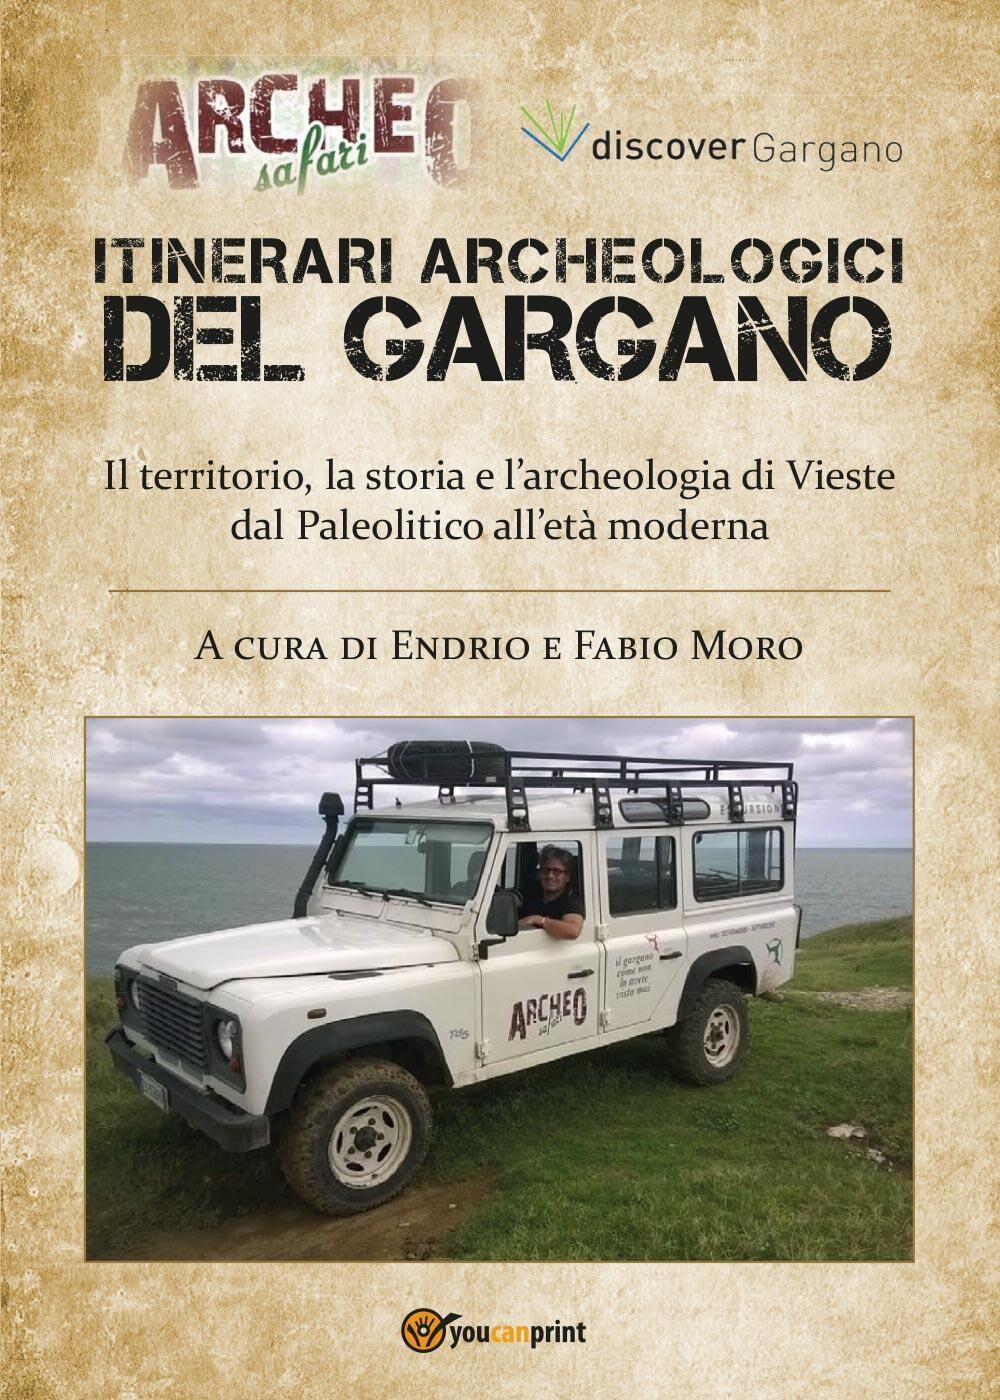 Itinerari archeologici del Gargano. Il territorio, la storia e l'archeologia di Vieste dal Paleolitico all'Età Moderna